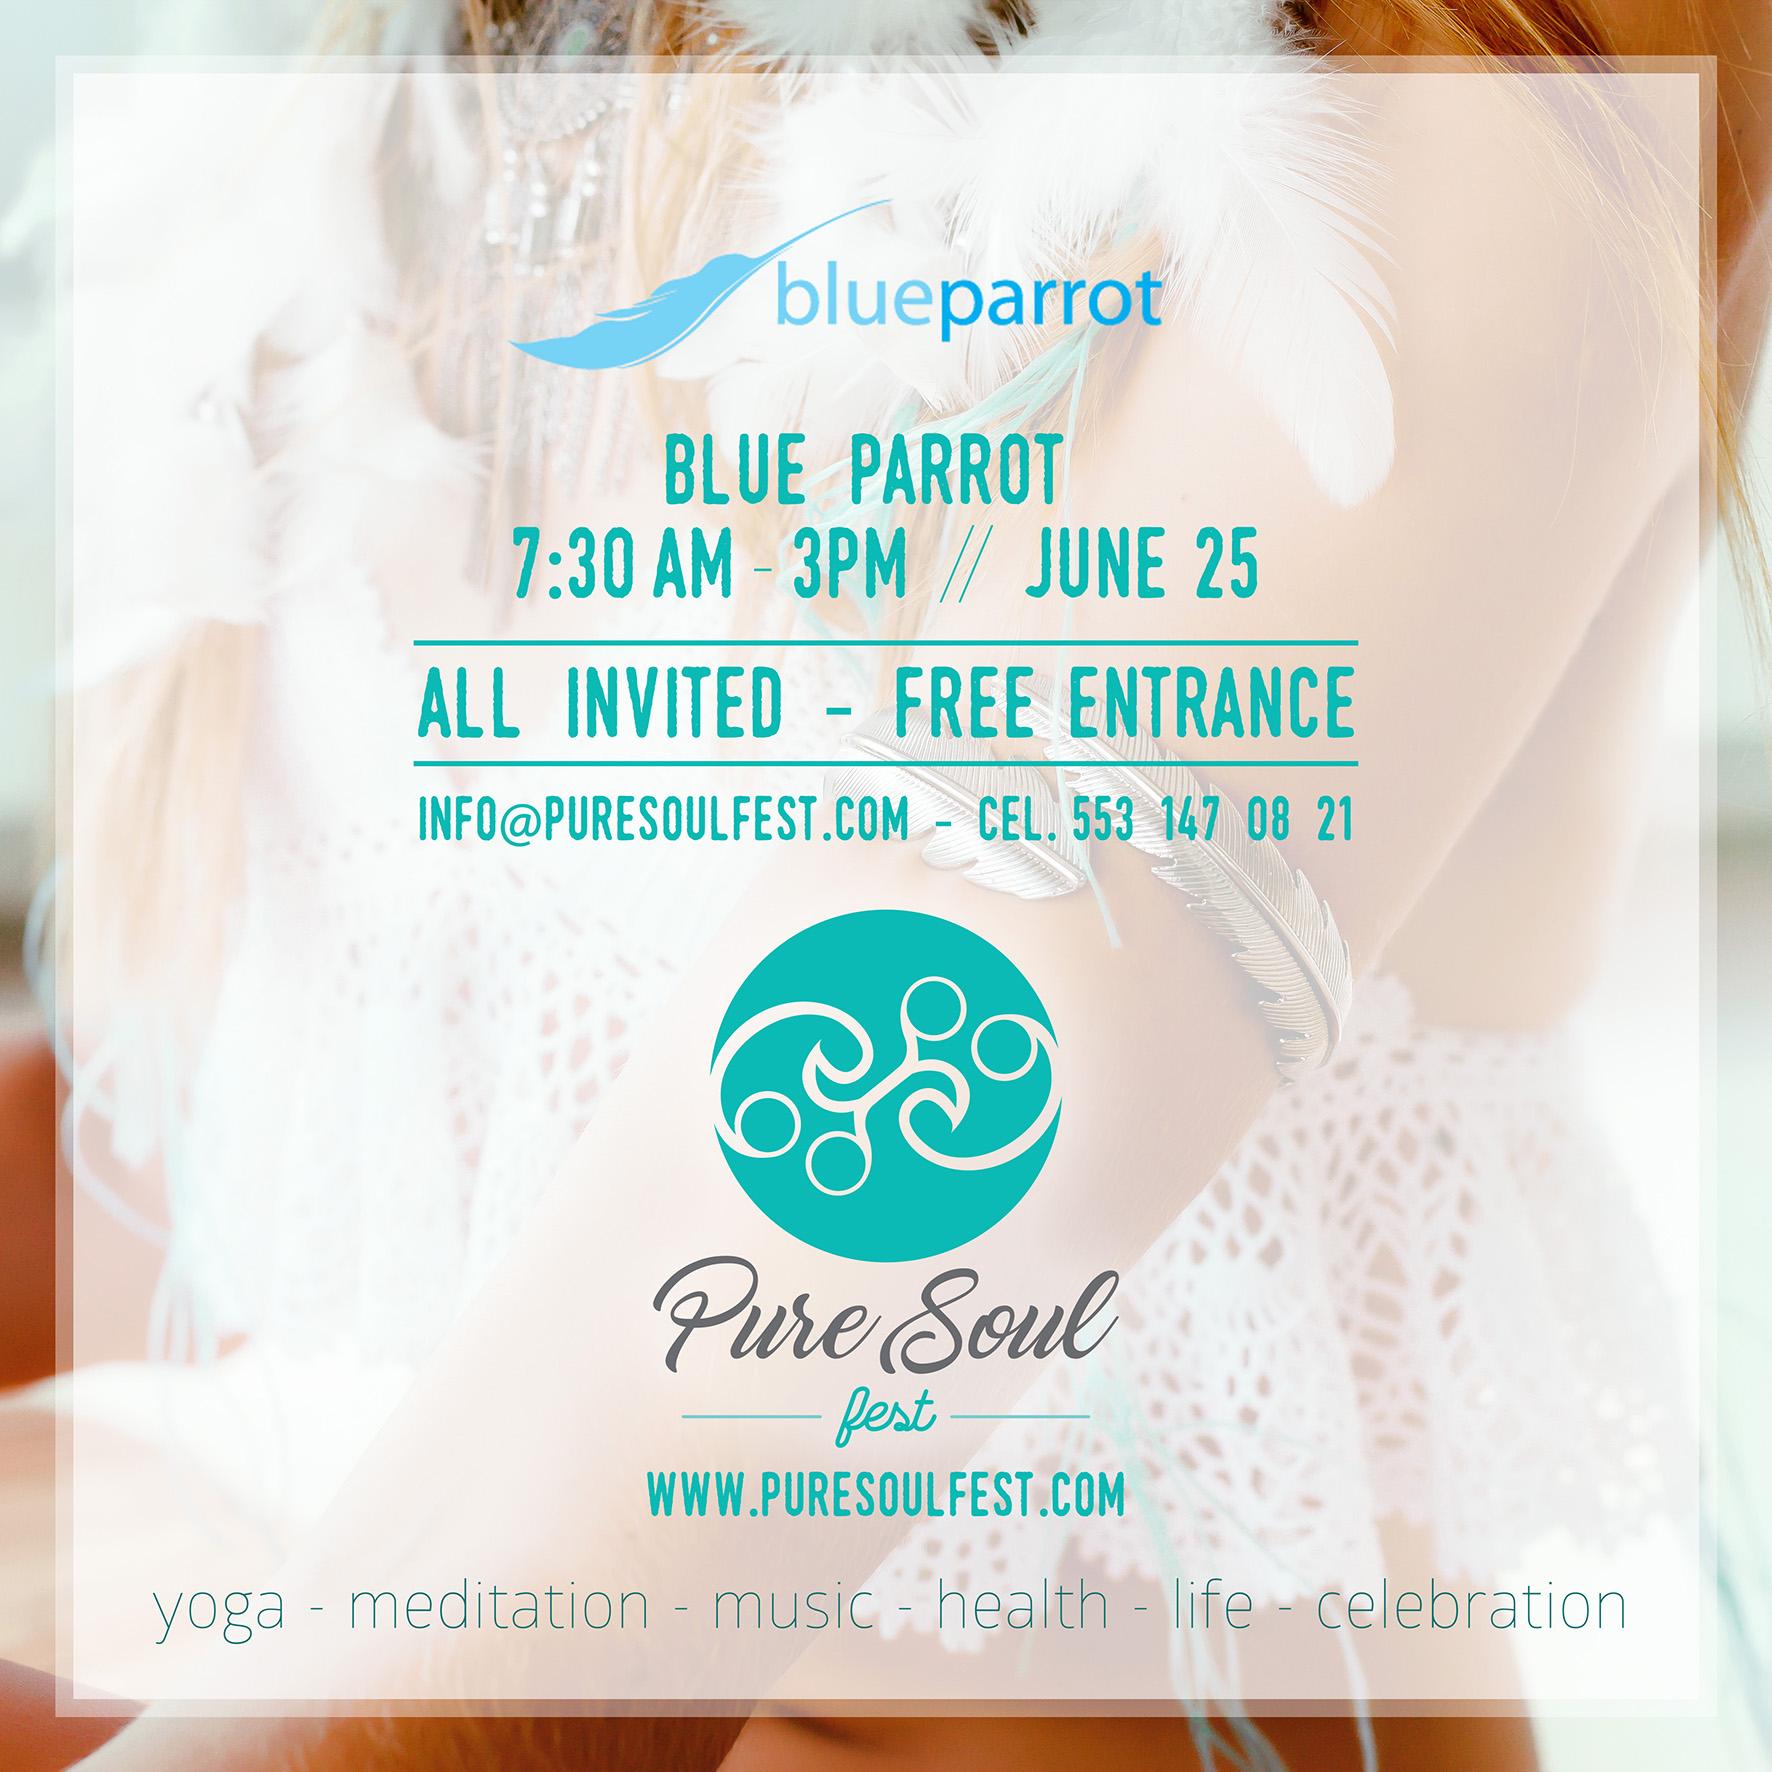 Pure Soul Fest @ Blue Parrot - Playa del Carmen